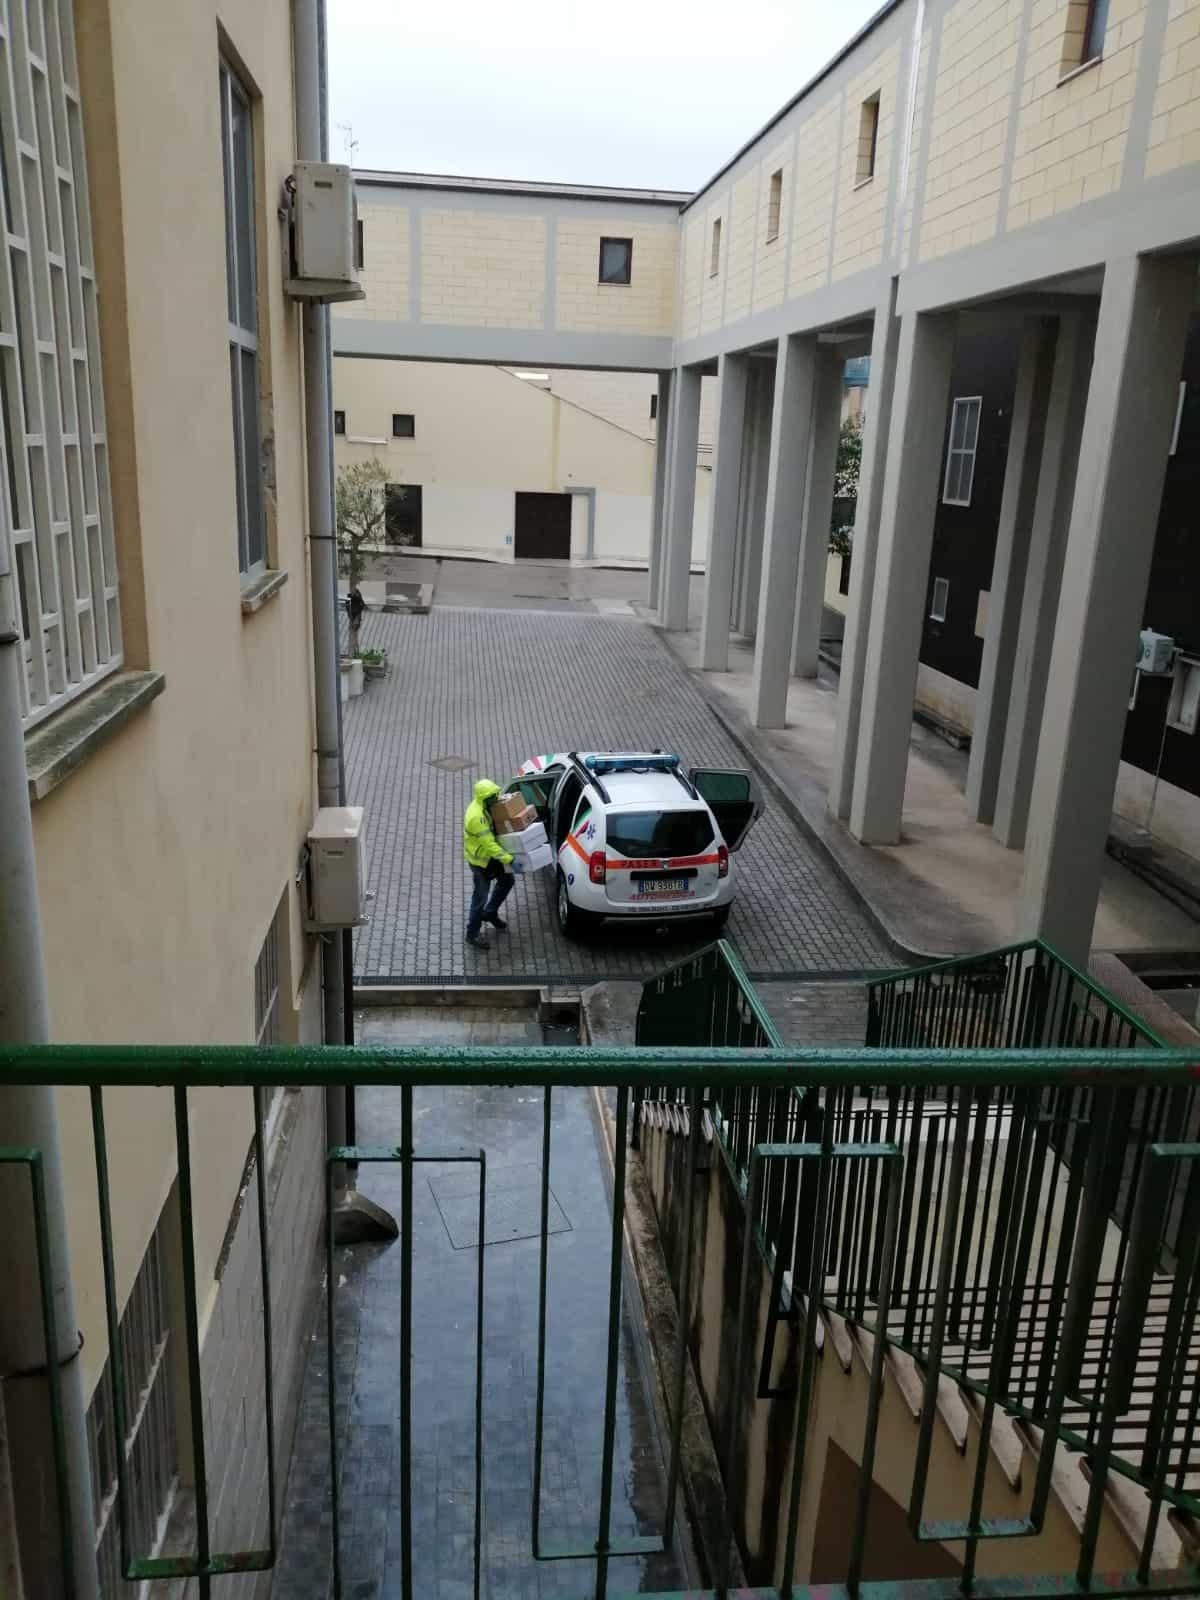 emergenza coronovirus_consegnati dpi all'ospedale di manfredonia-2